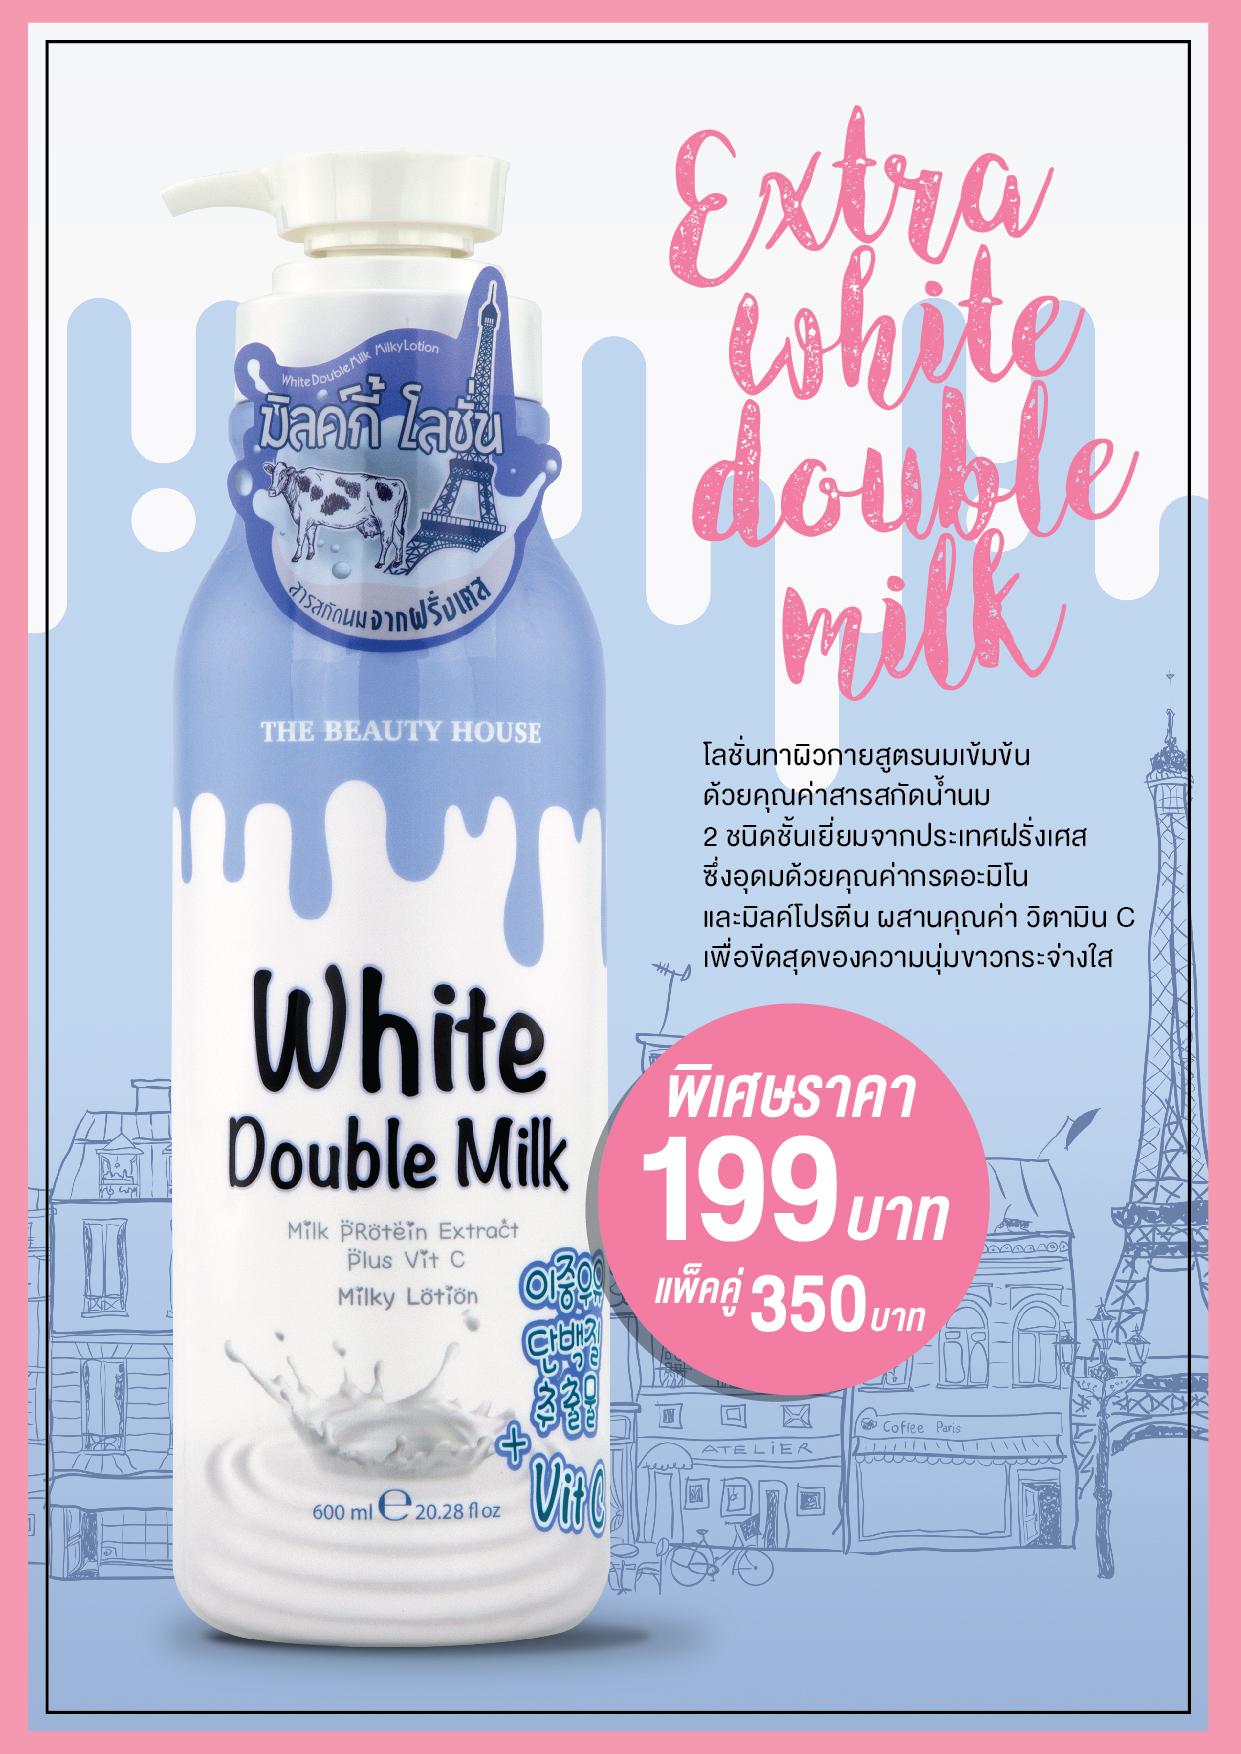 extra white double milk